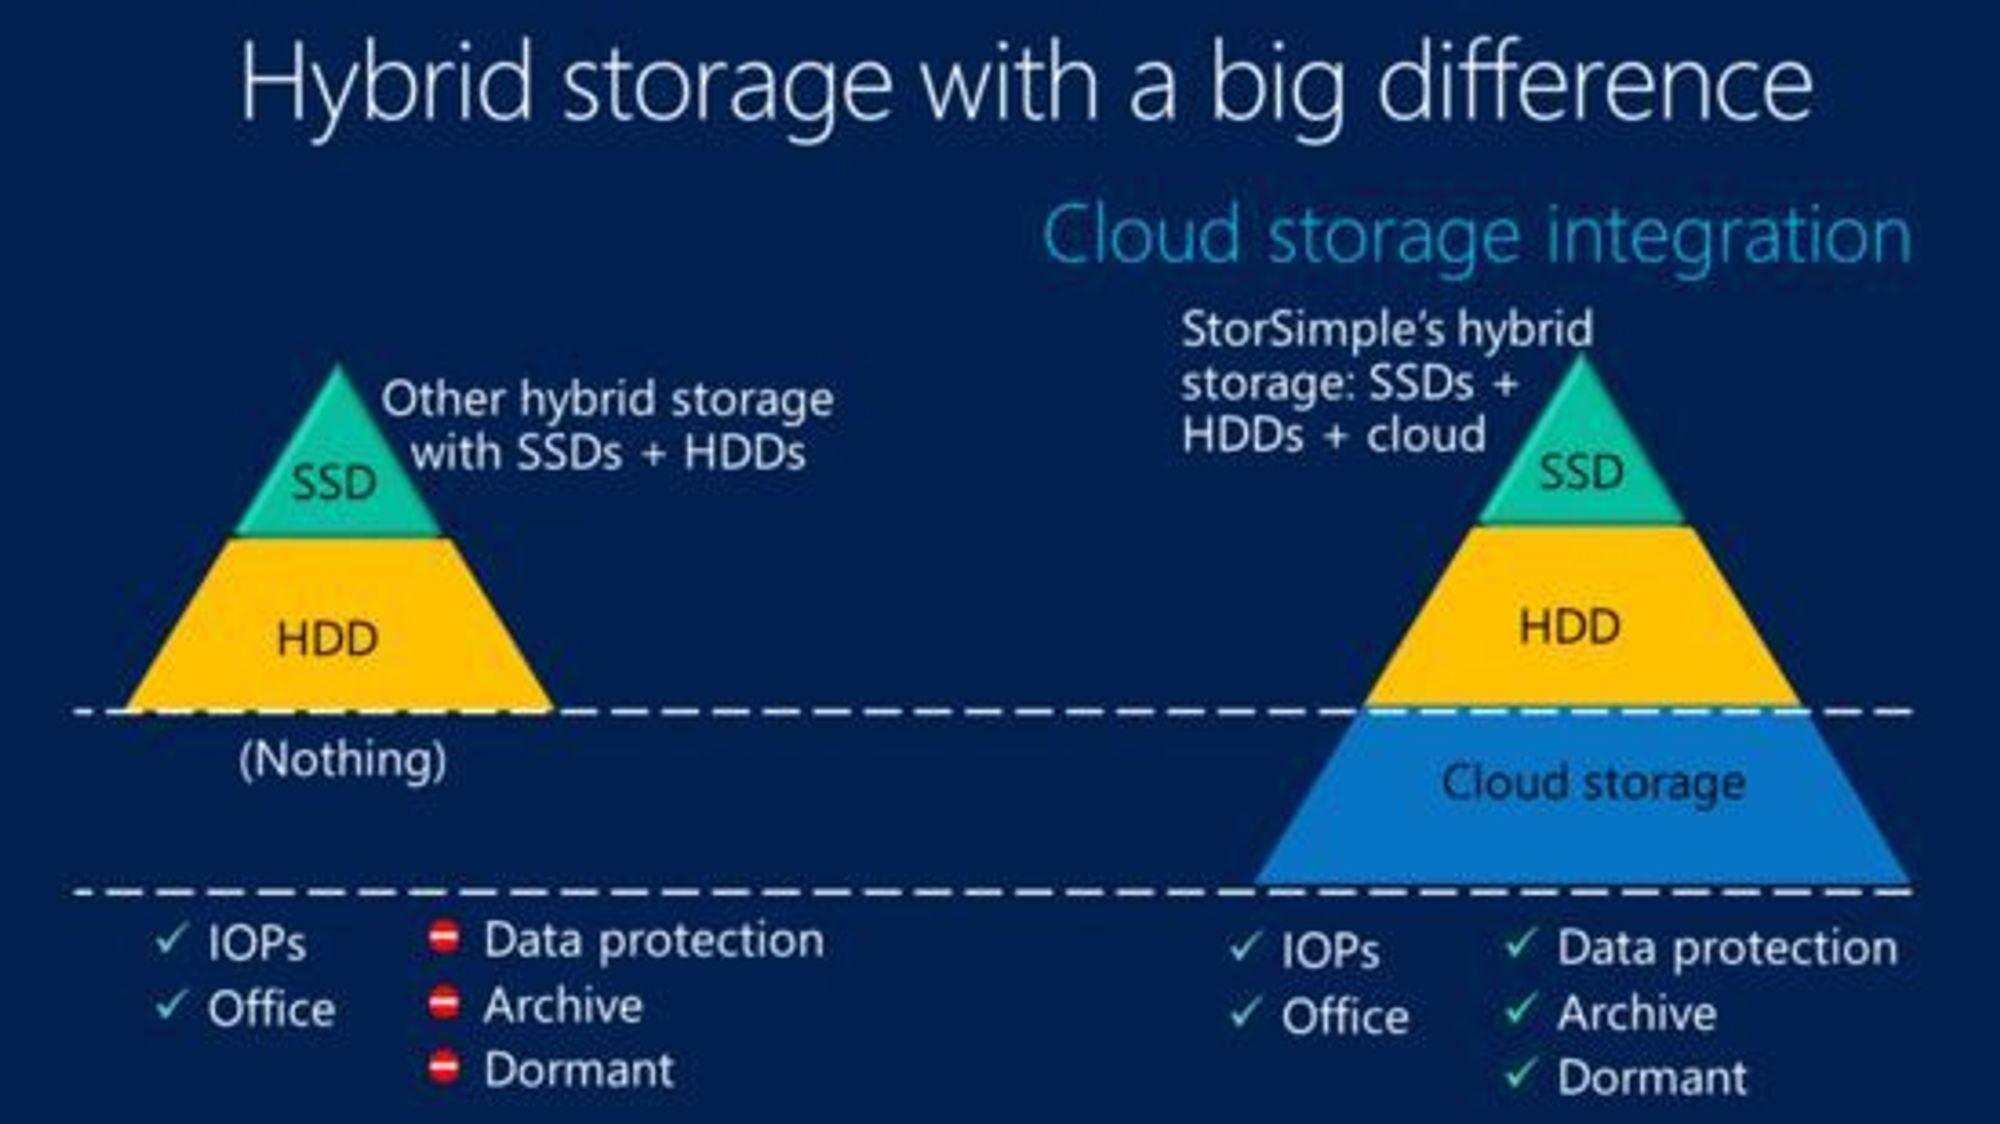 Slik skal bedriftene tjene på hybridlagring, ifølge Microsoft.